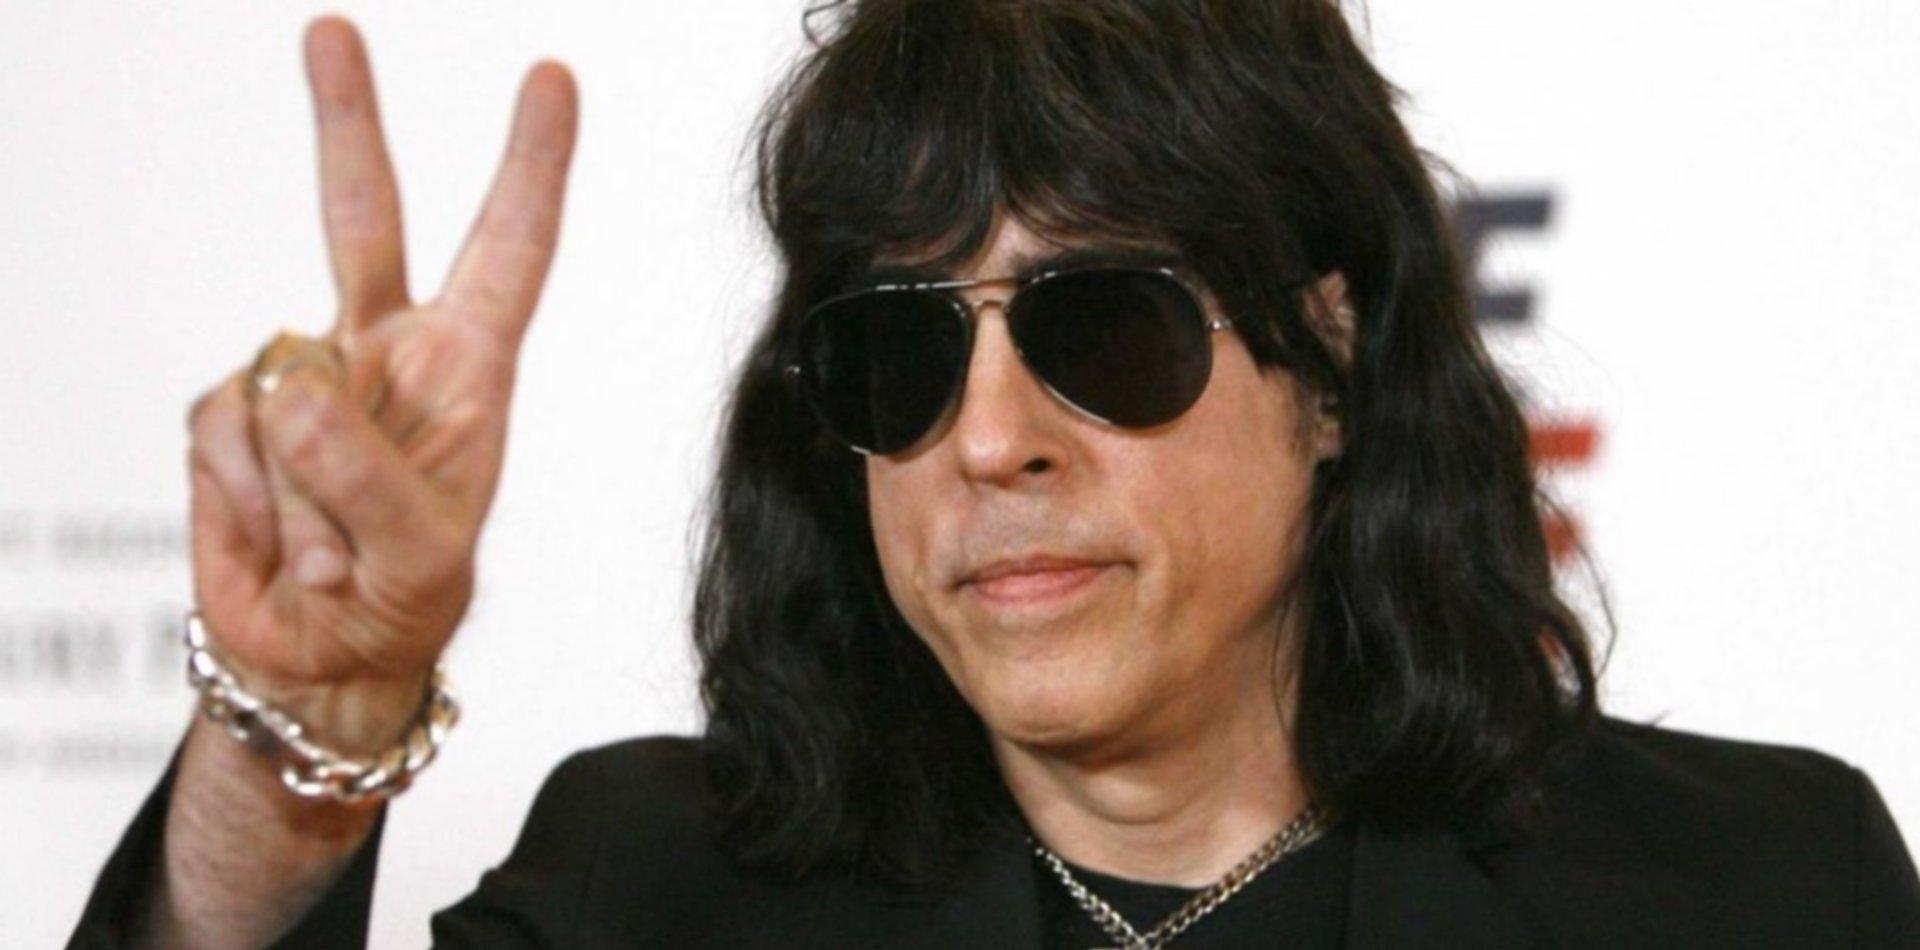 15 de julio: ¿qué músicos cumplen años hoy? - Radio Cantilo